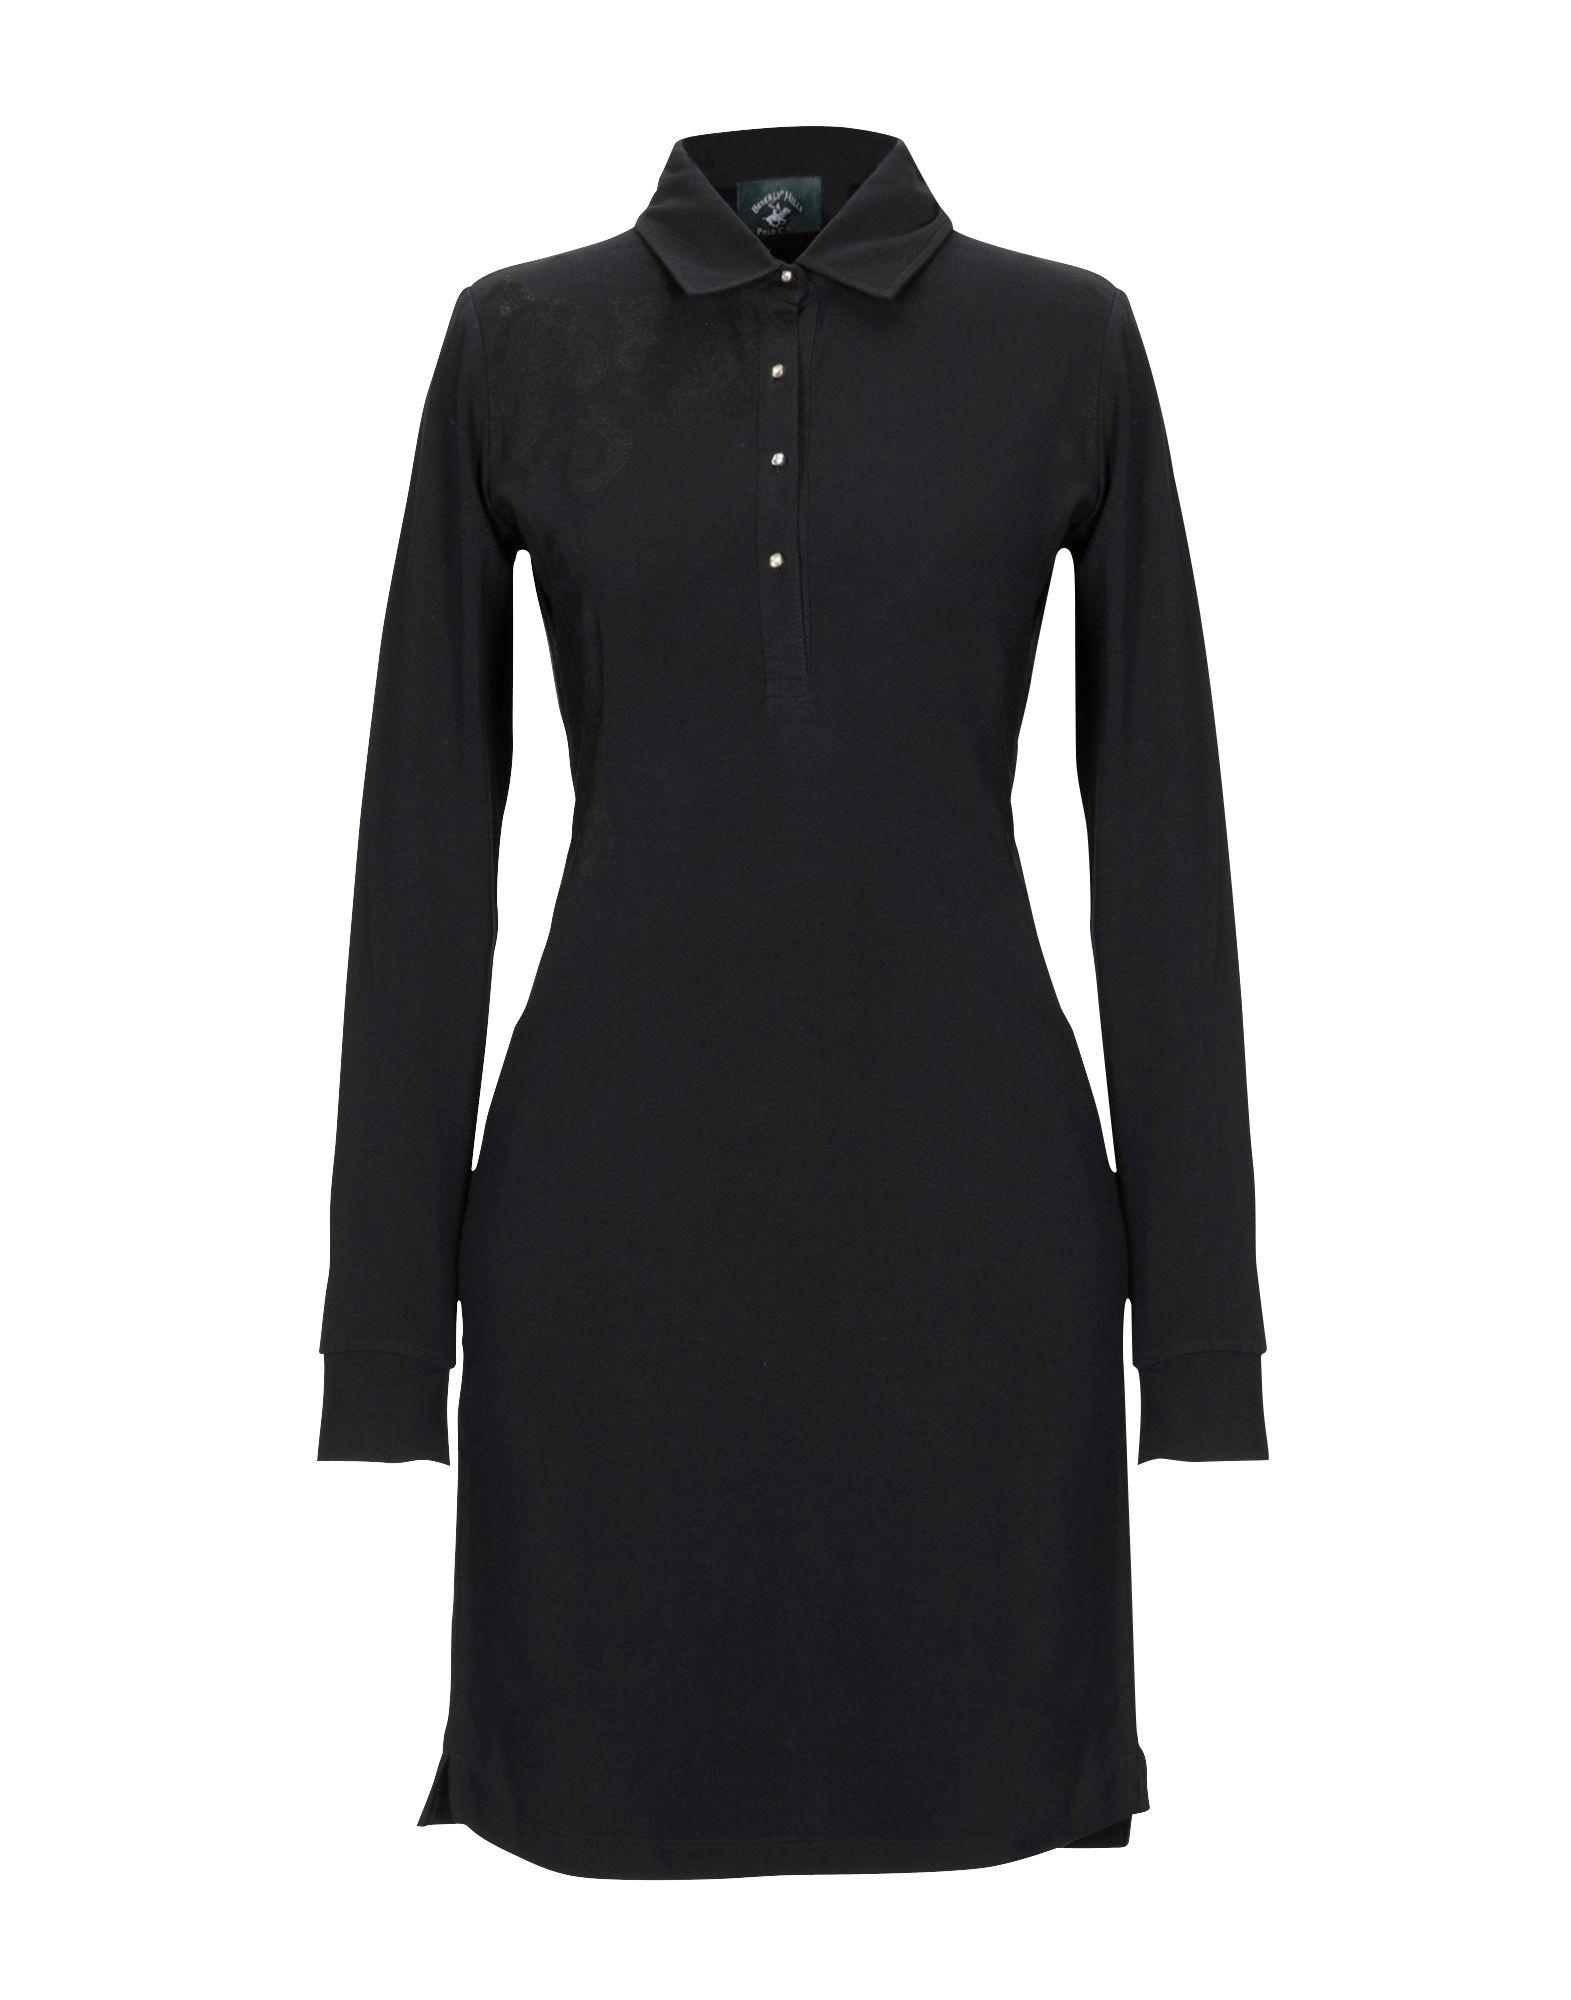 BEVERLY HILLS POLO CLUB Damen Kurzes Kleid Farbe Schwarz Größe 5